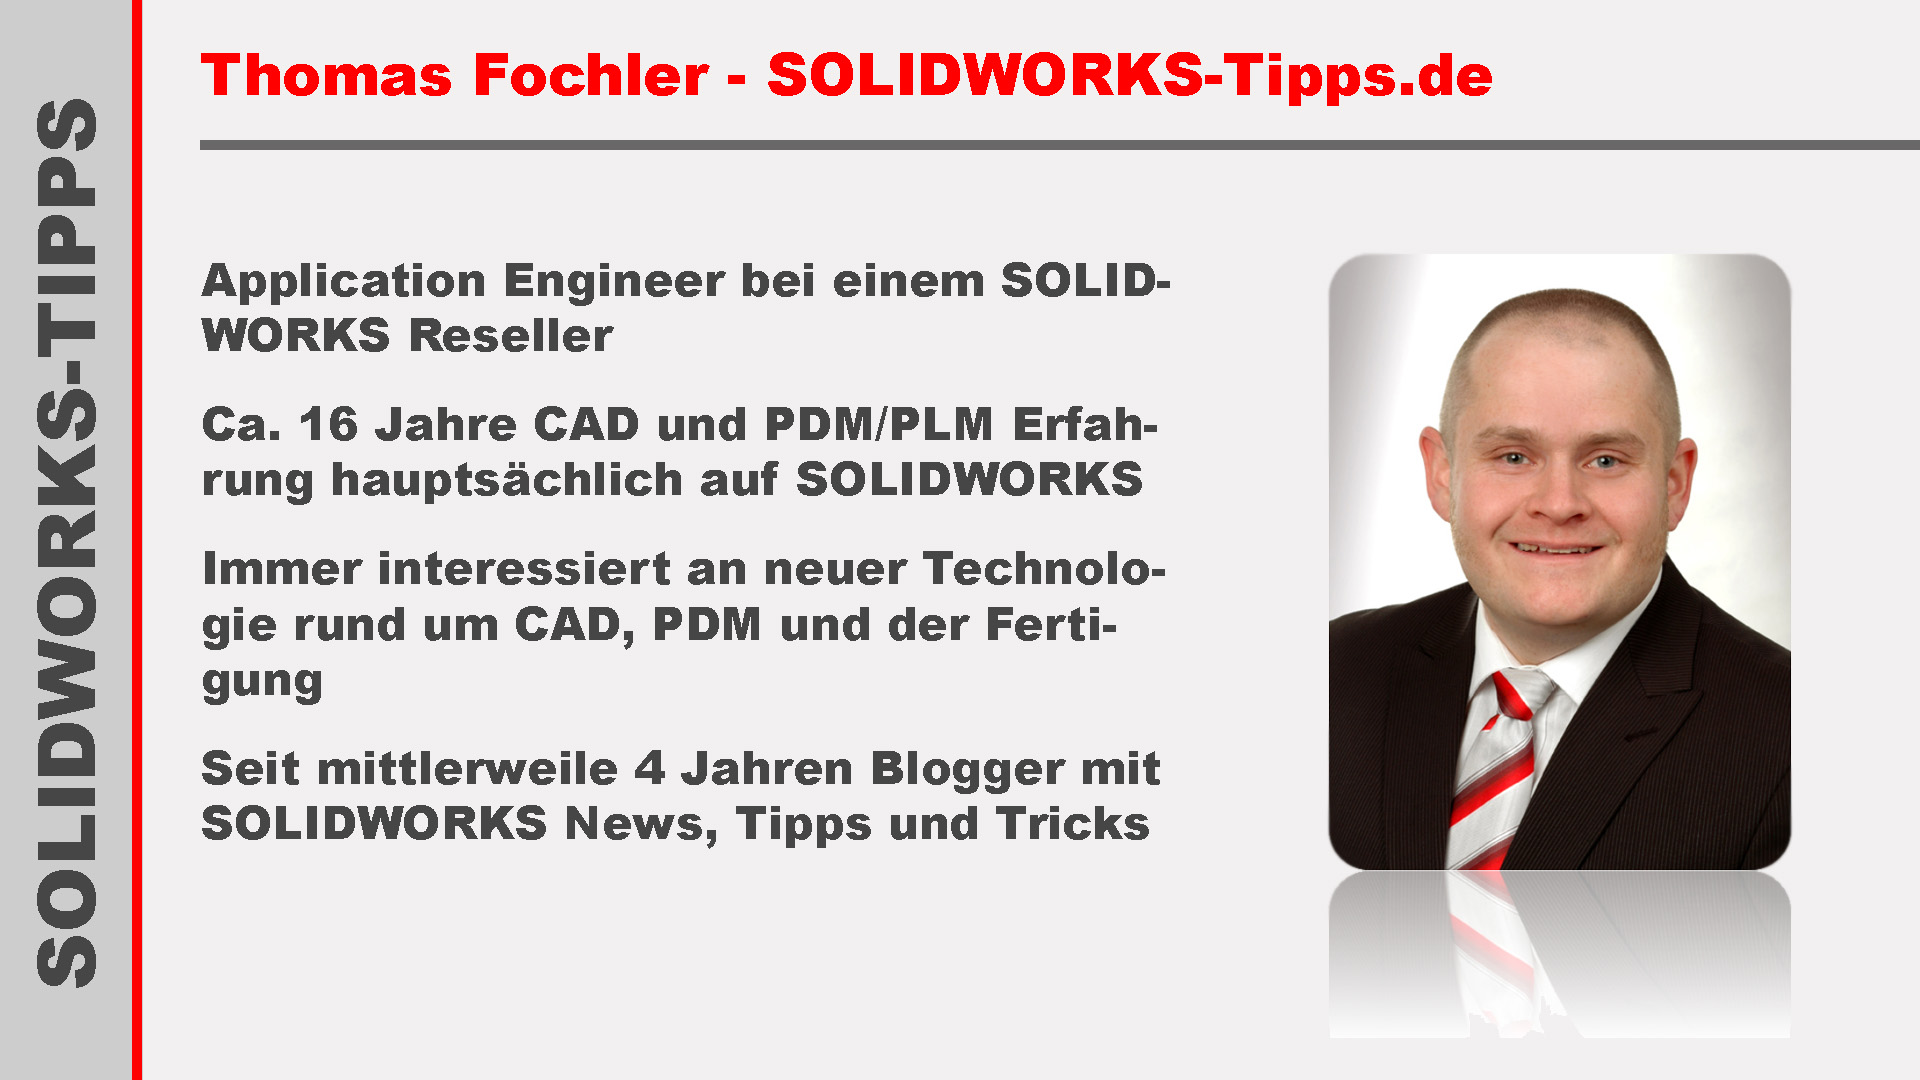 Thomas Fochler Vorstellung